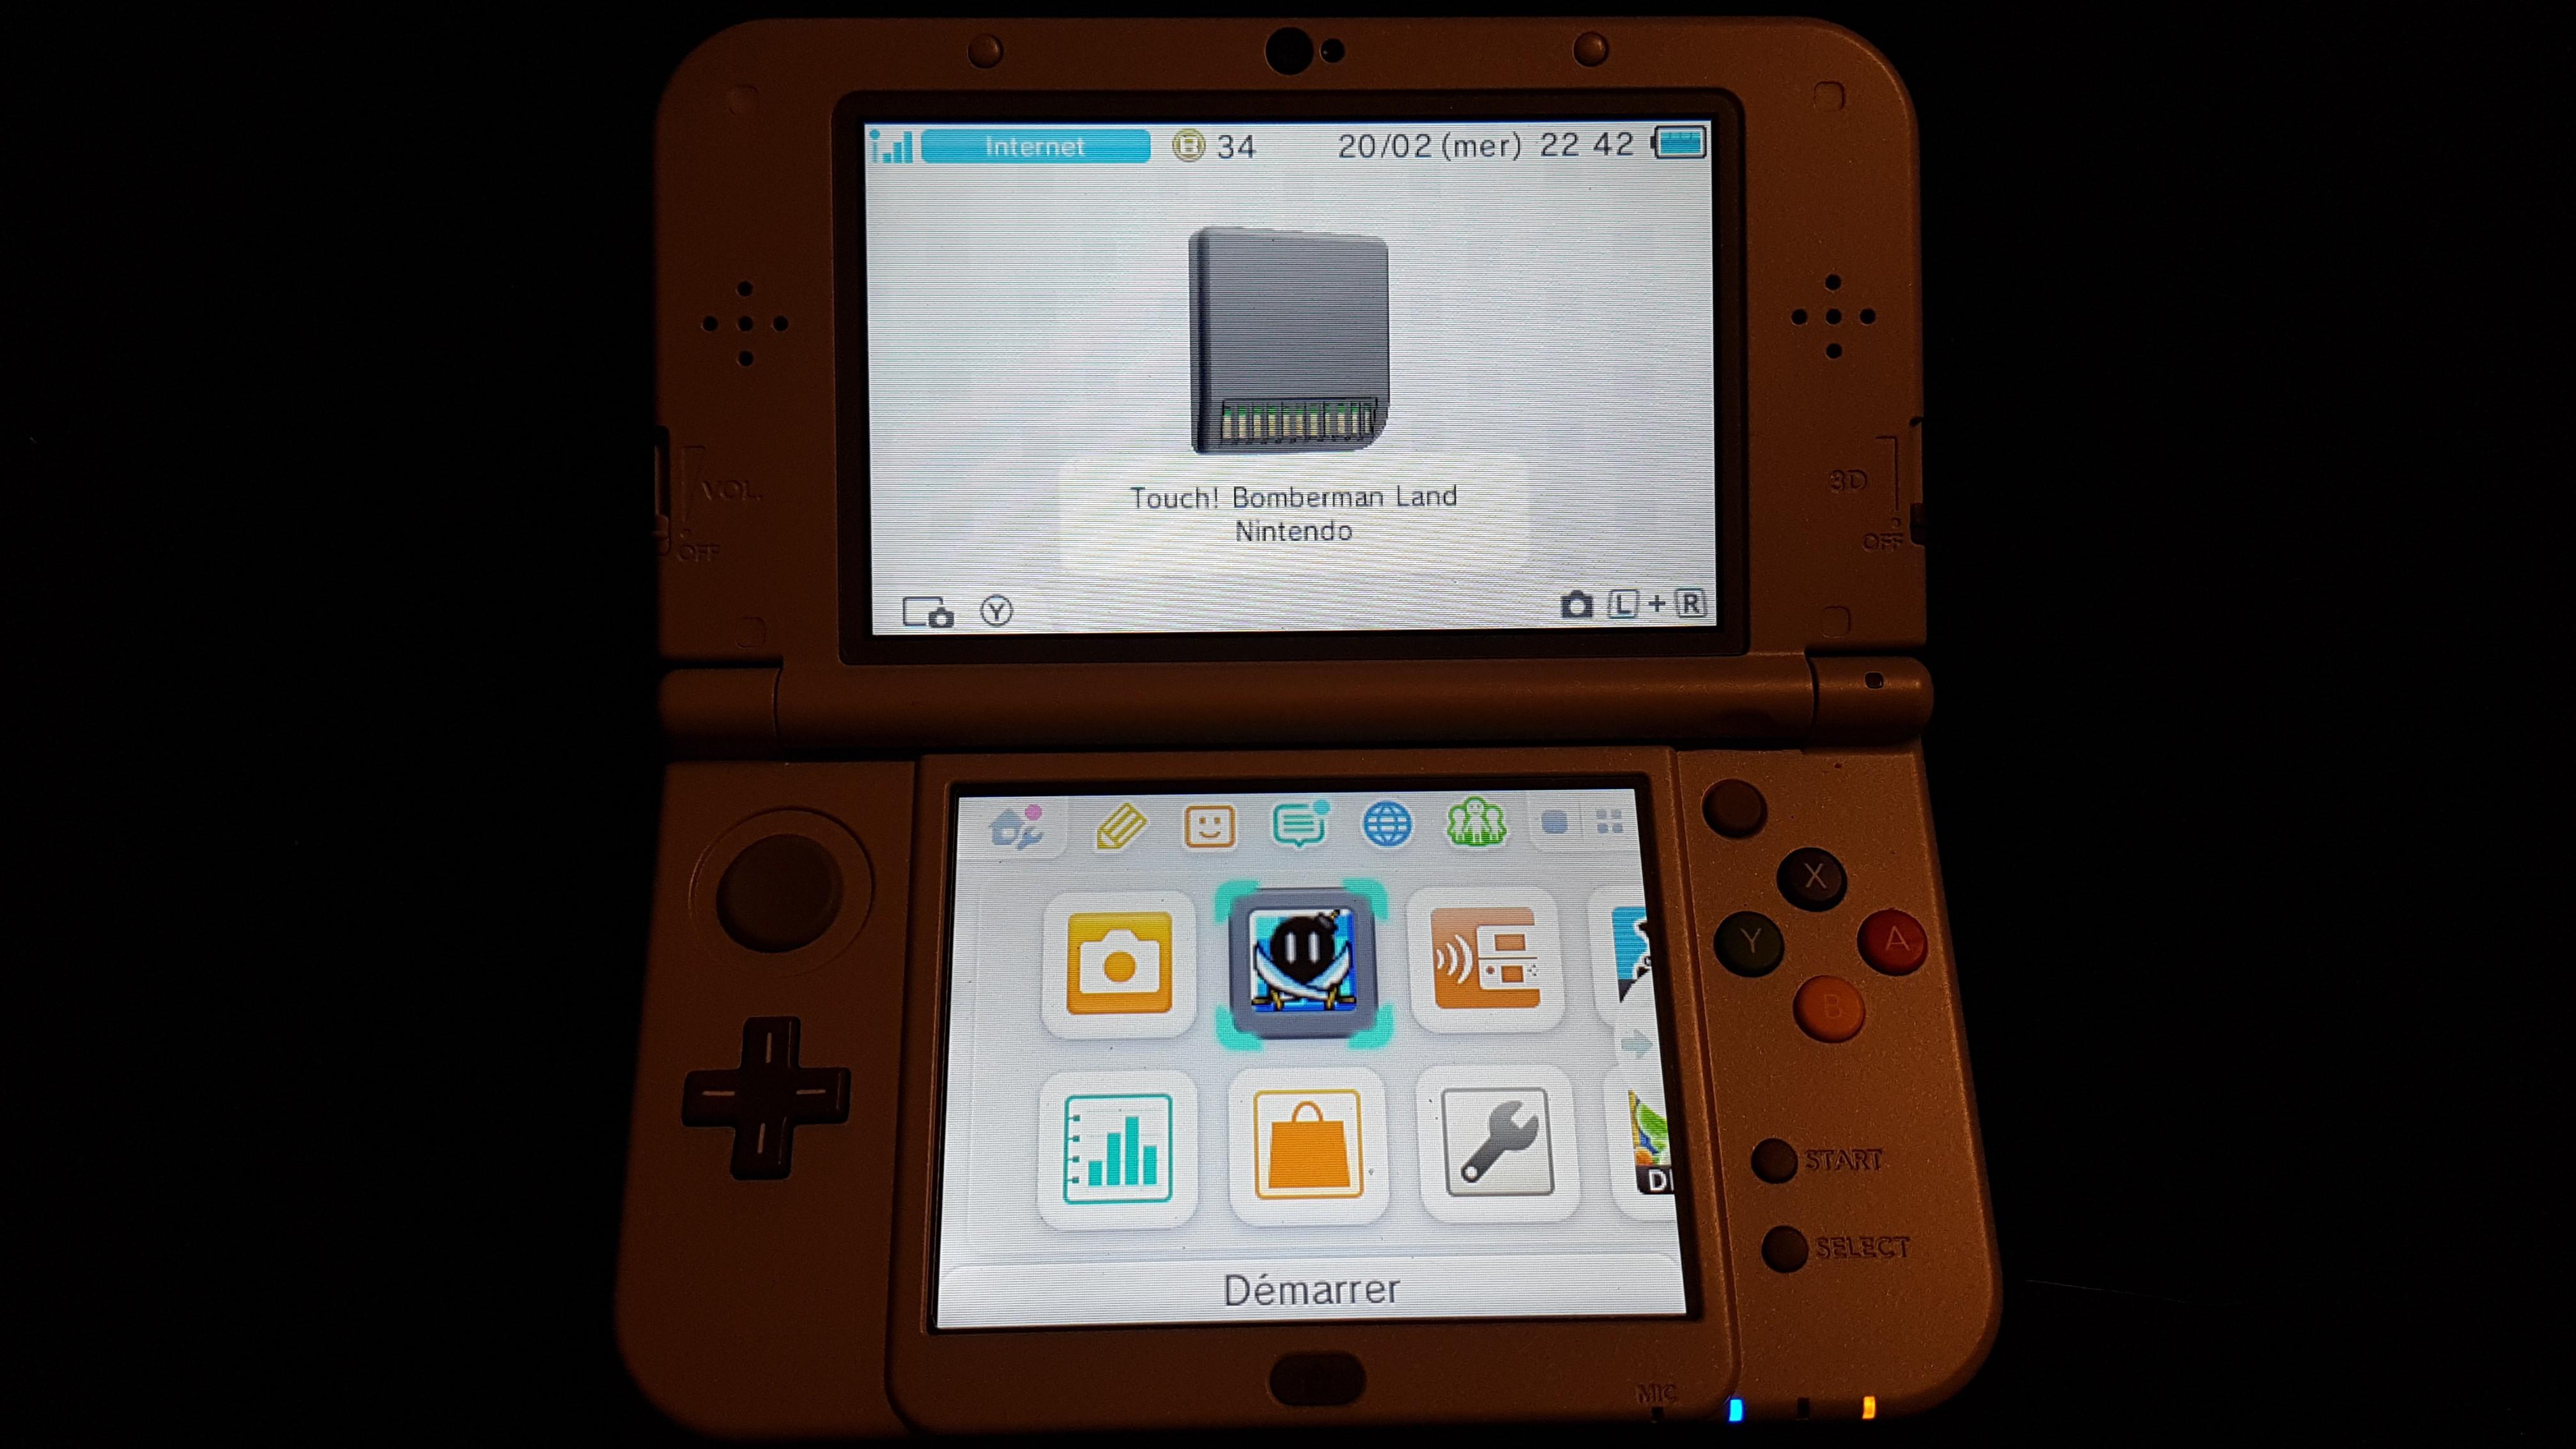 R4 3DS-Anleitung – Verwendung von R4i SDHC 3DS zum Spielen